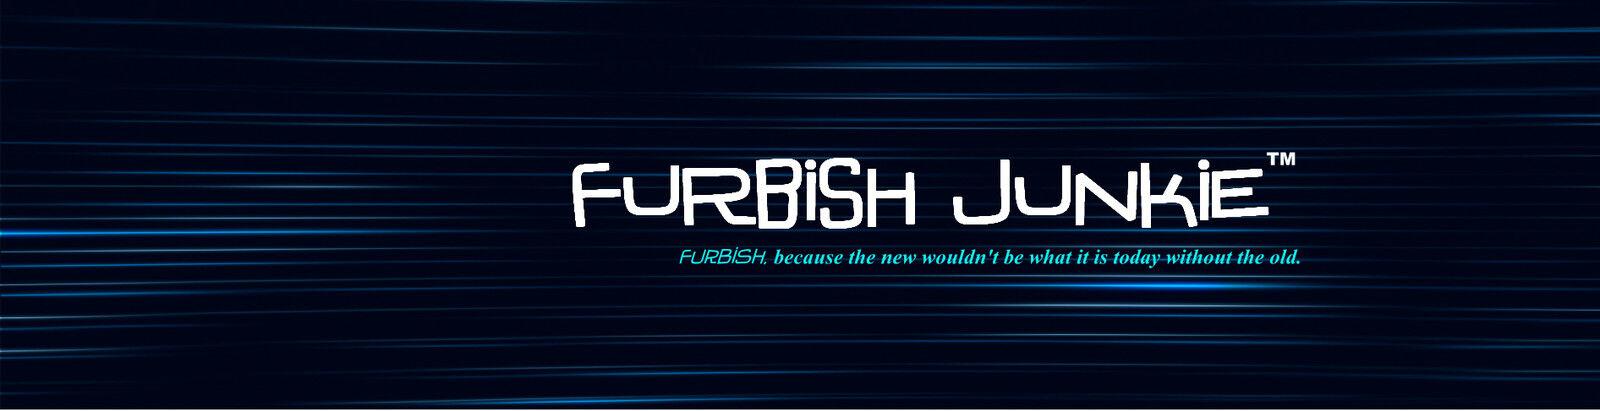 FurbishJunkie